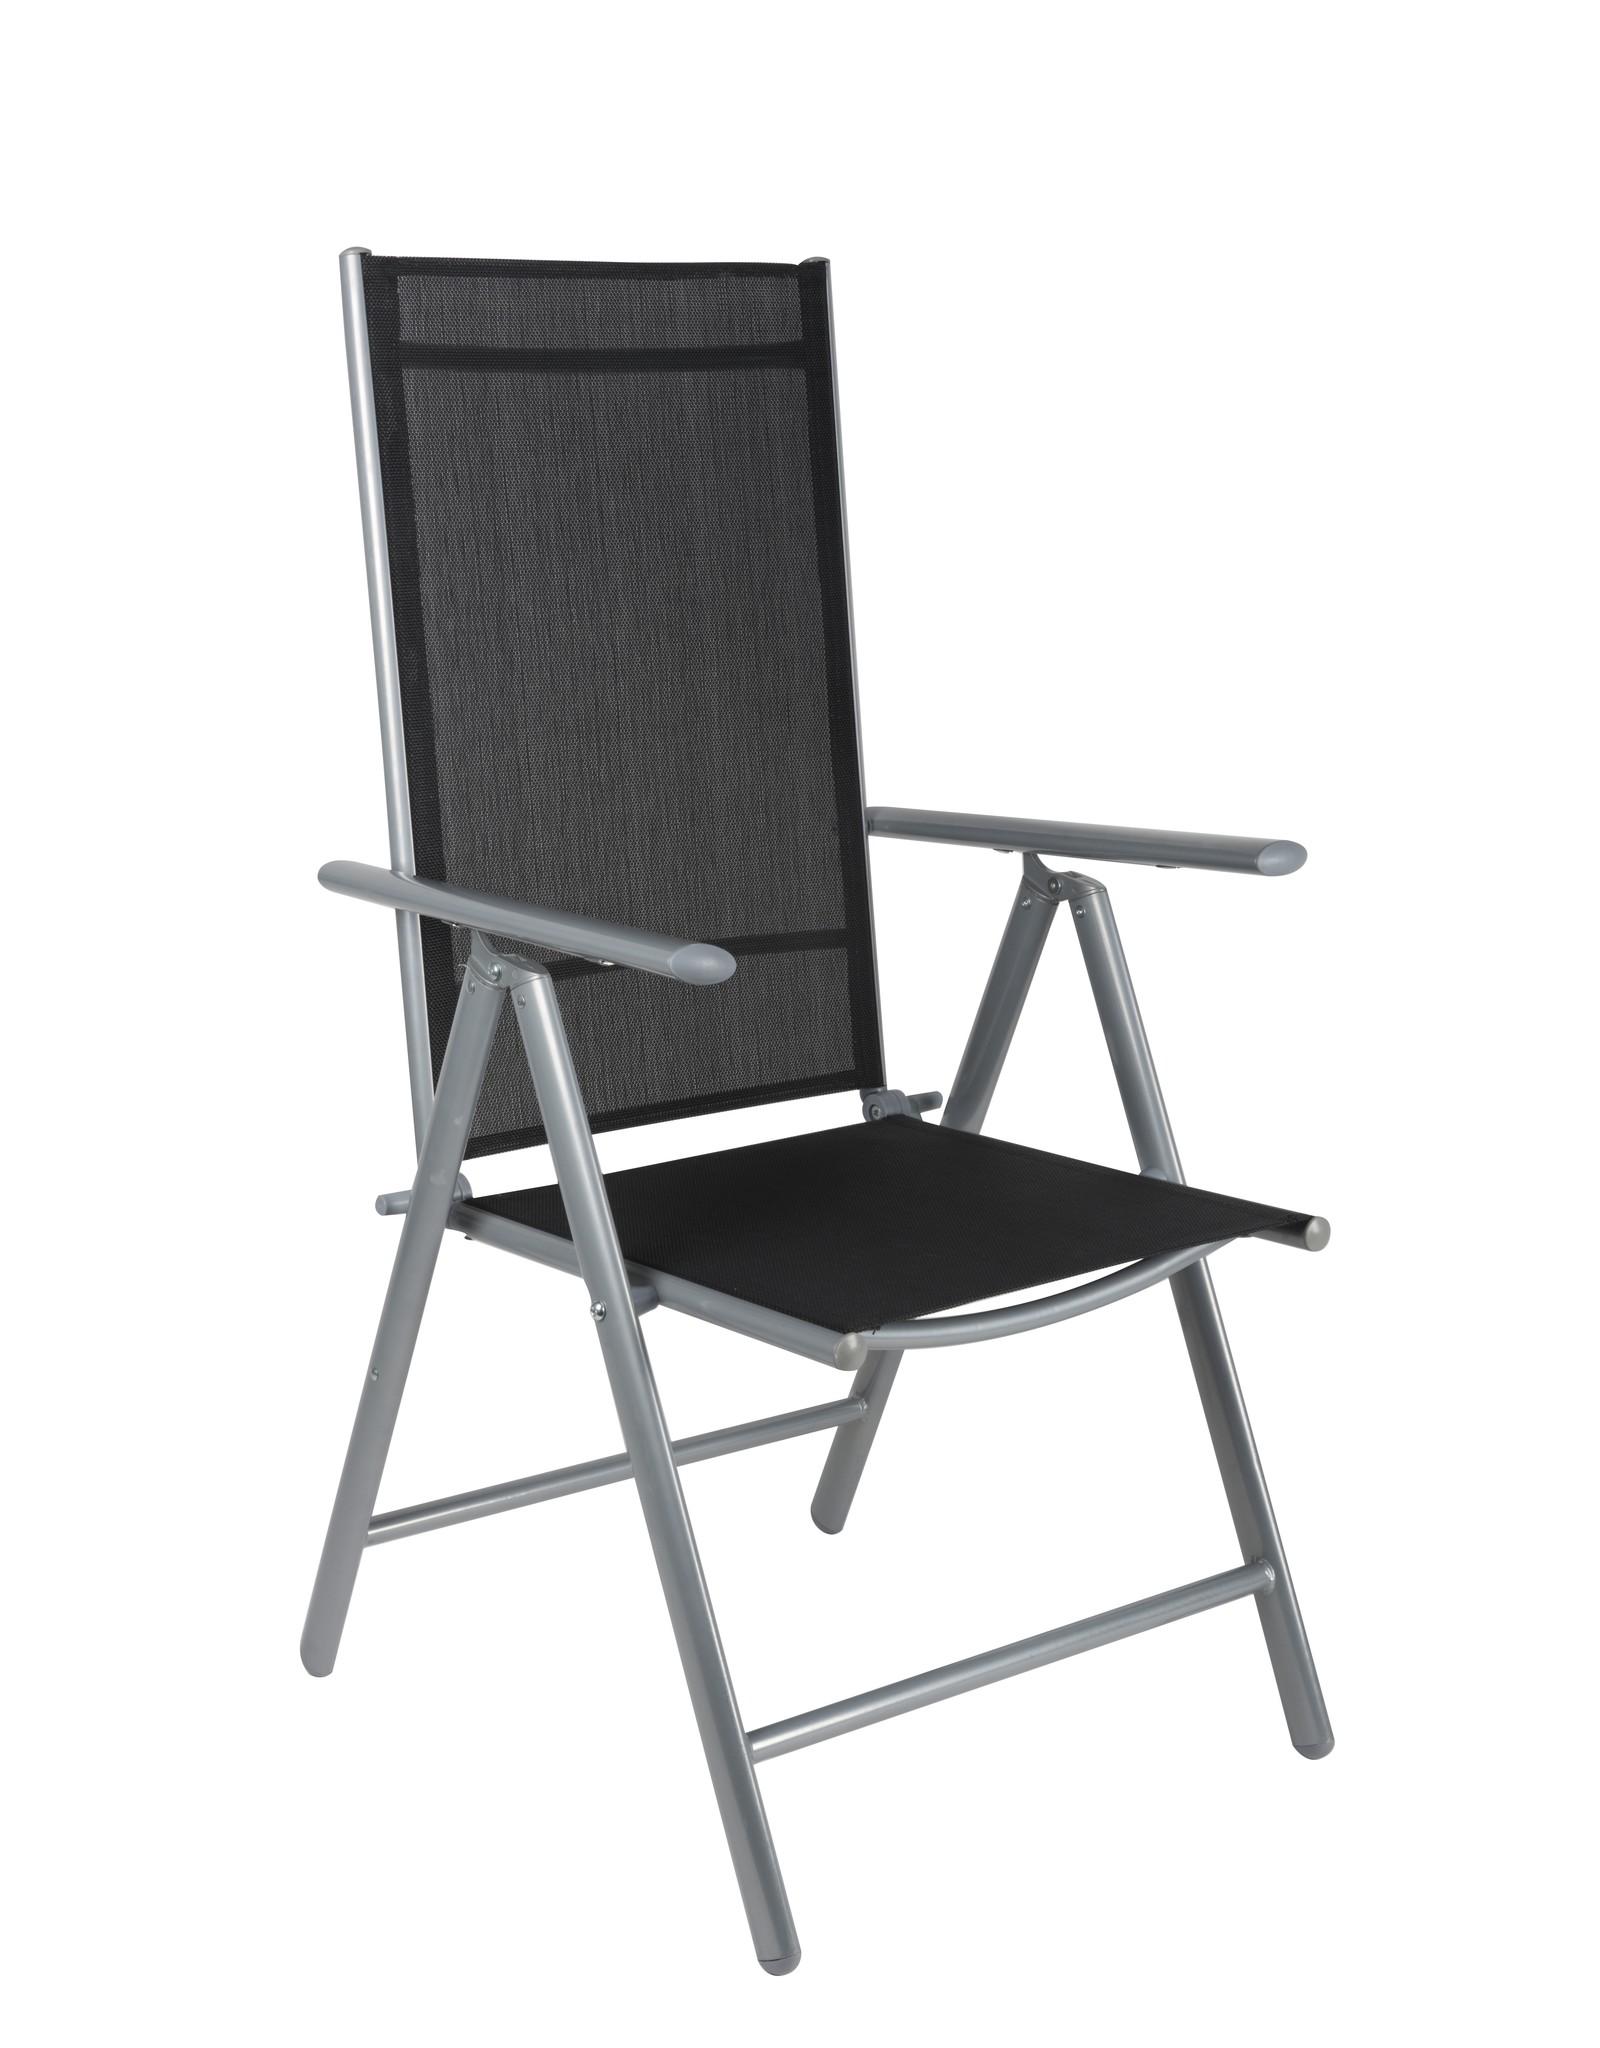 Garden Royal Garden Royal -Verstelbare stoelen - 2 Stoelen